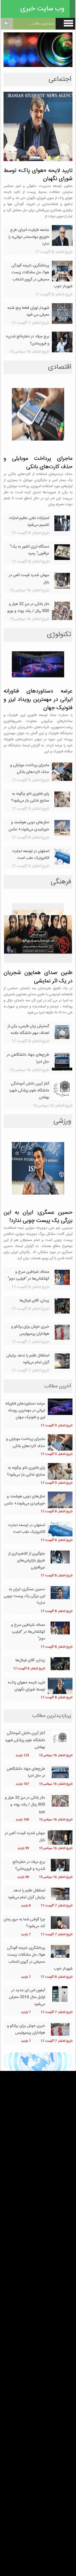 سایت خبری یاسمین در حالت موبایل